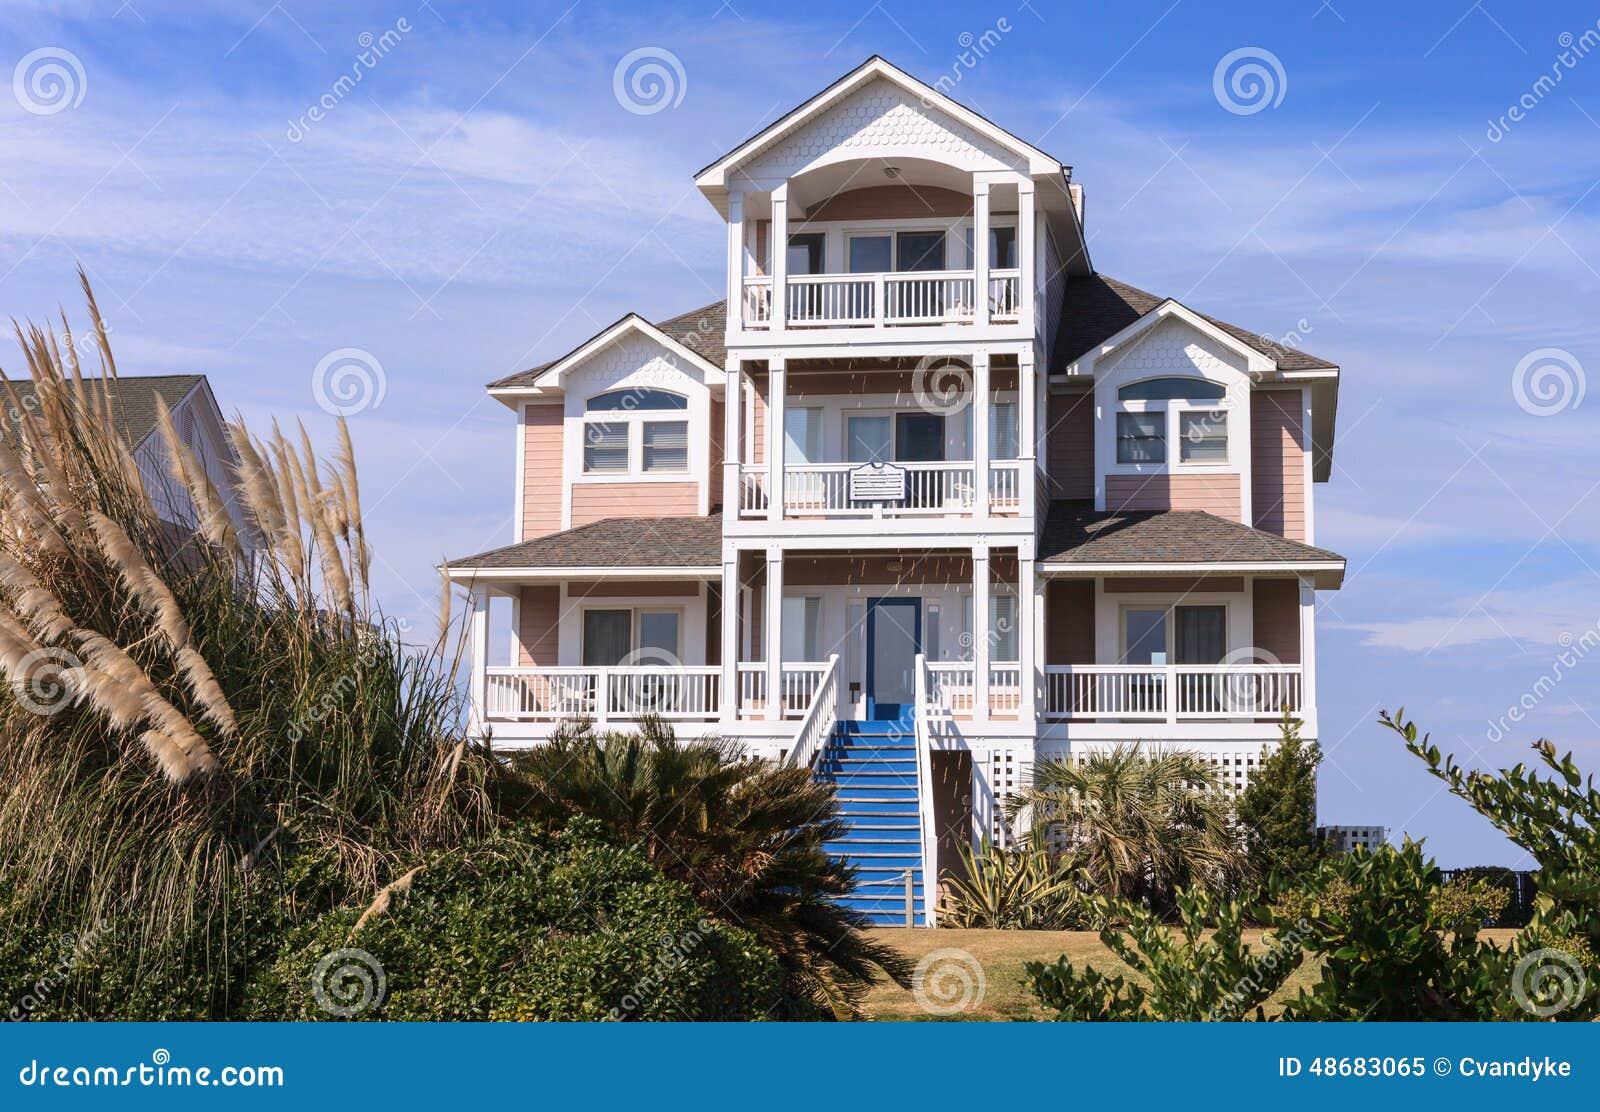 Maison de vacances la caroline du nord image stock image for B b maison du nord